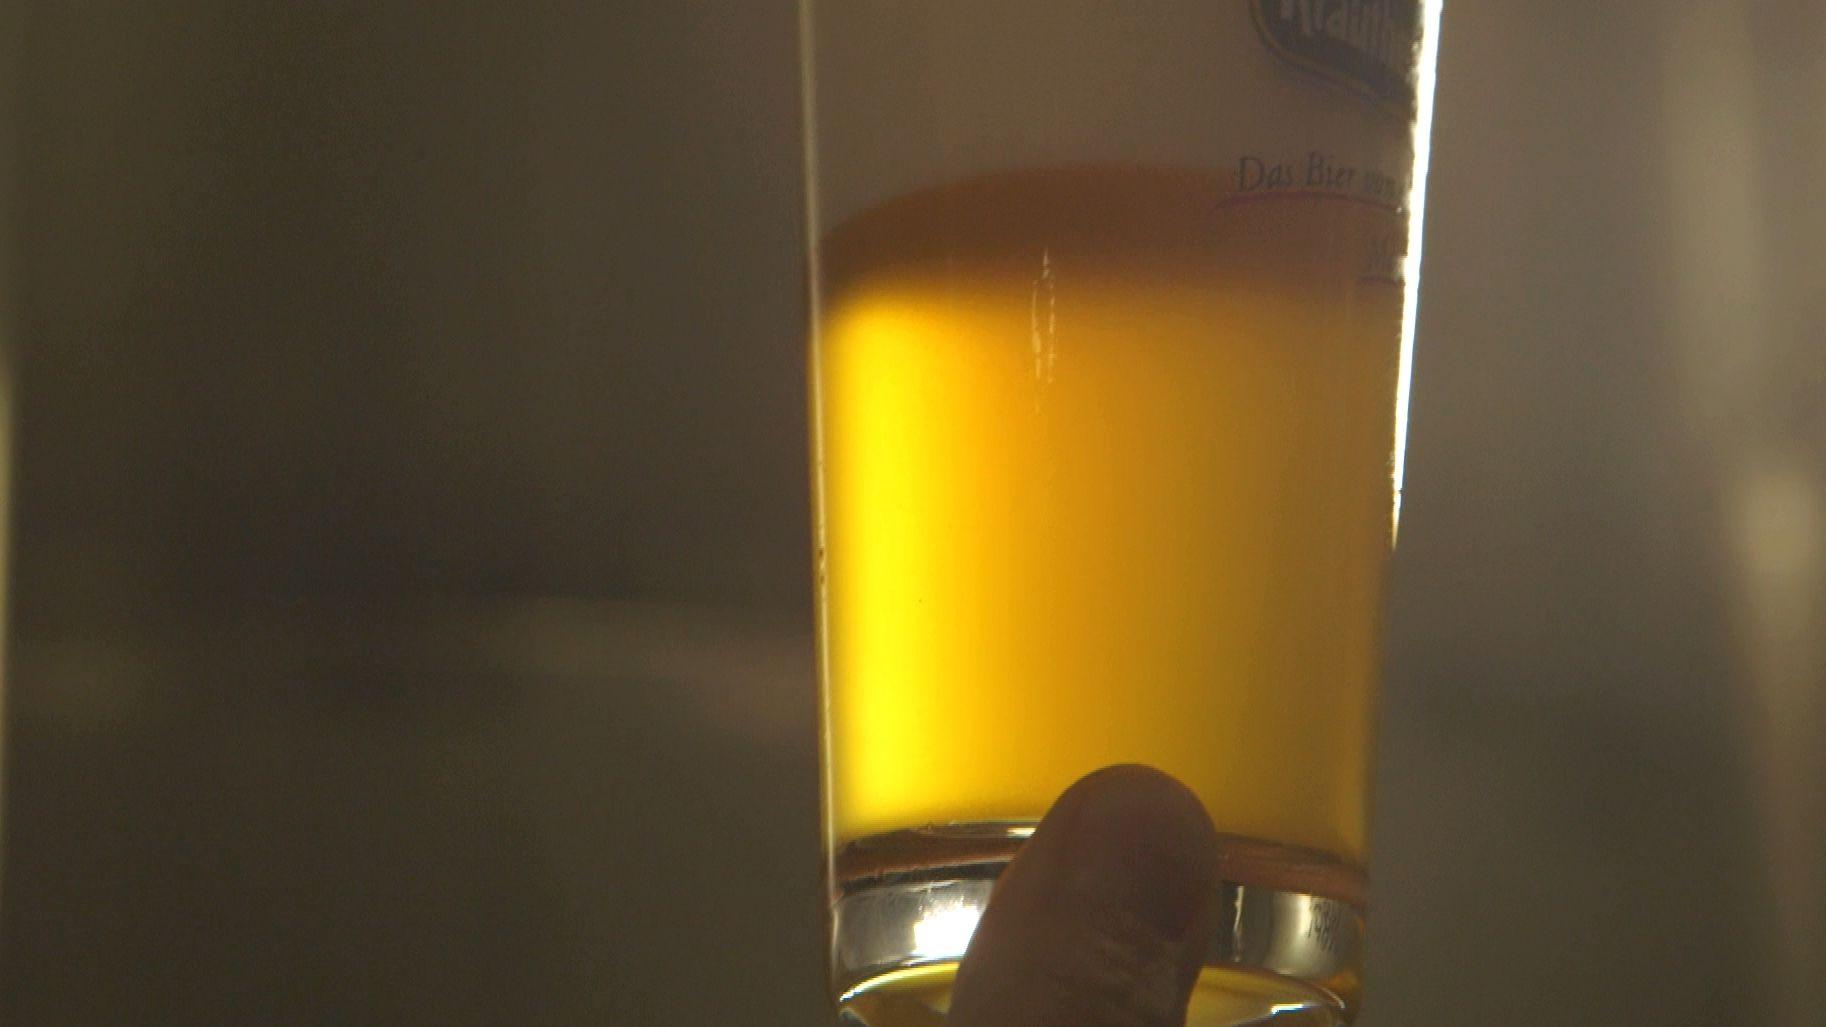 Gezapftes Bier aus Krautheim